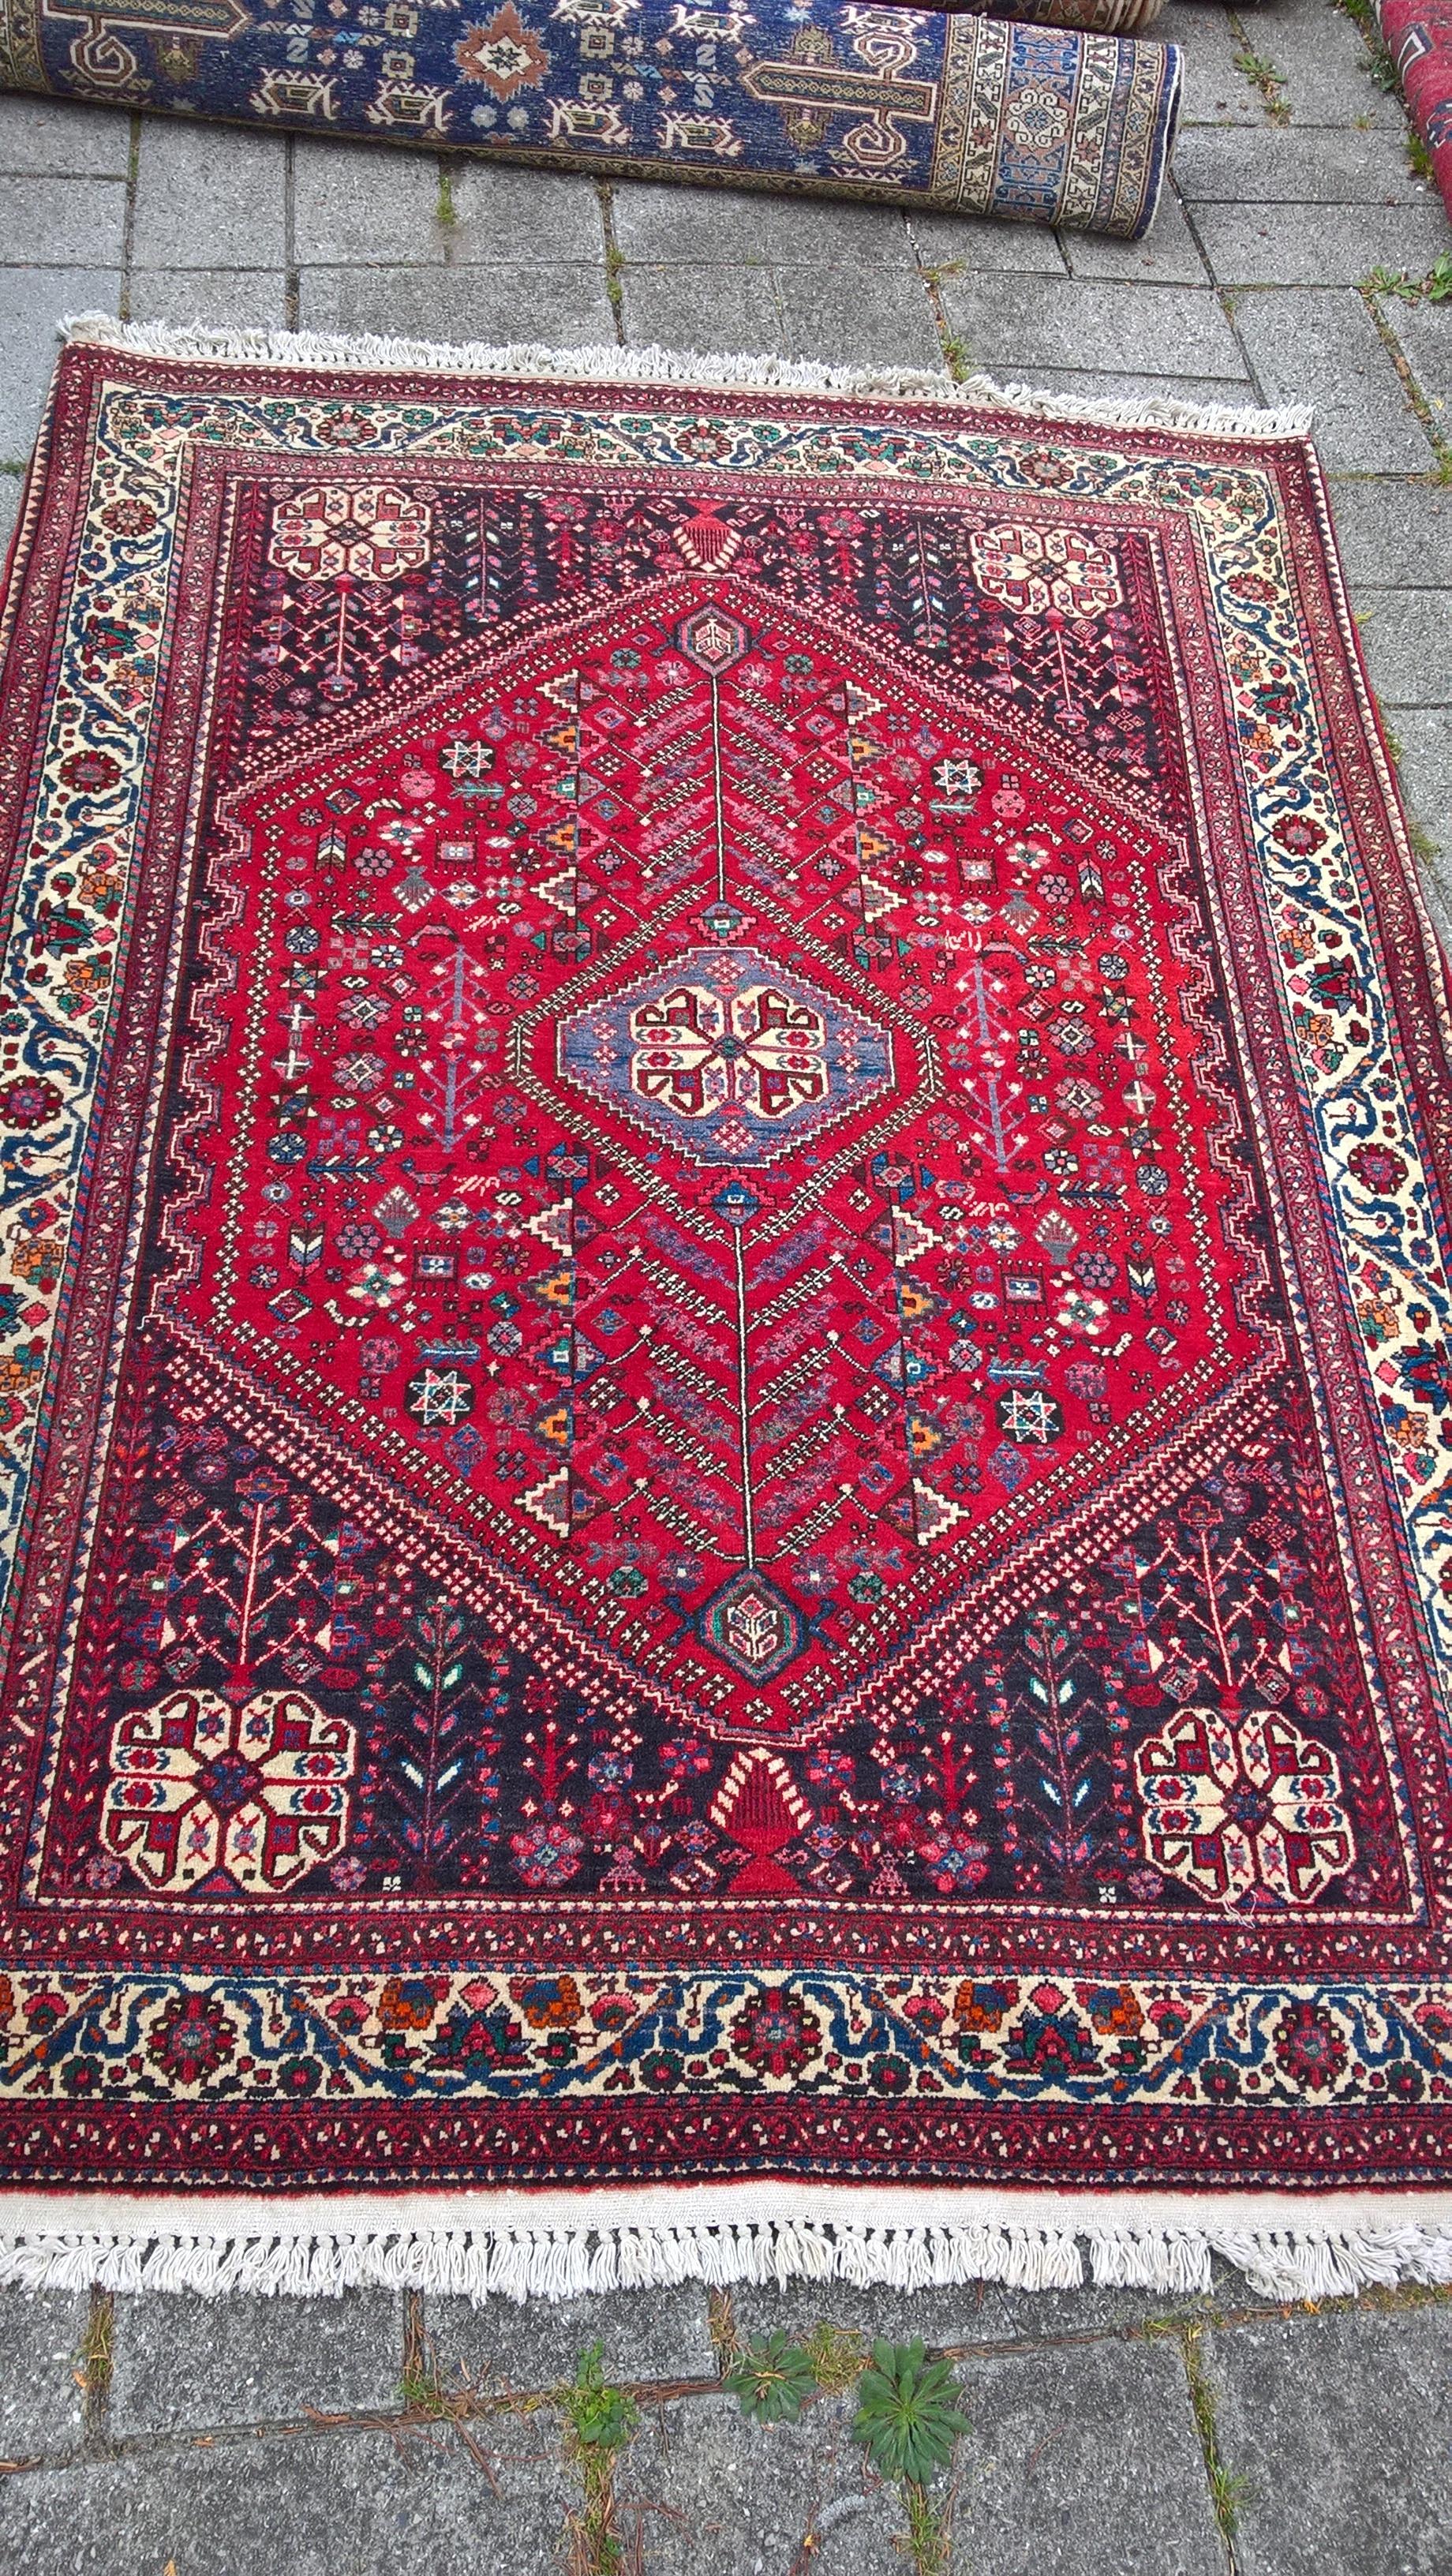 Ægte Persisk tæppe Abadeh  Mål: 205 x 154 cm Tæppe kr. 5.500,- Varenr. Rug16-3460-10-red